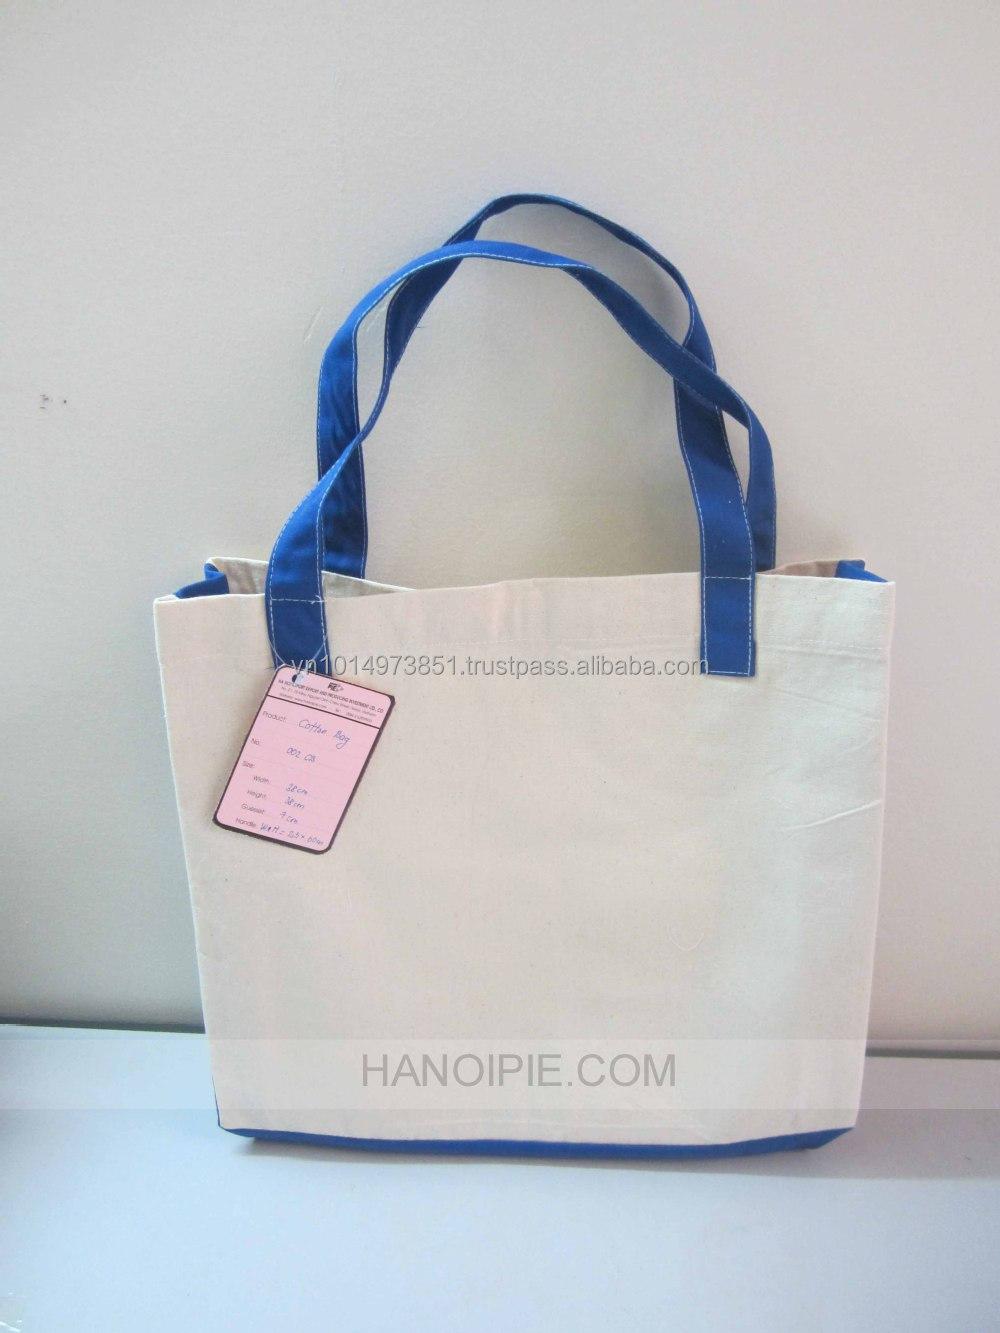 Plain Cotton Shopping Bags.JPG